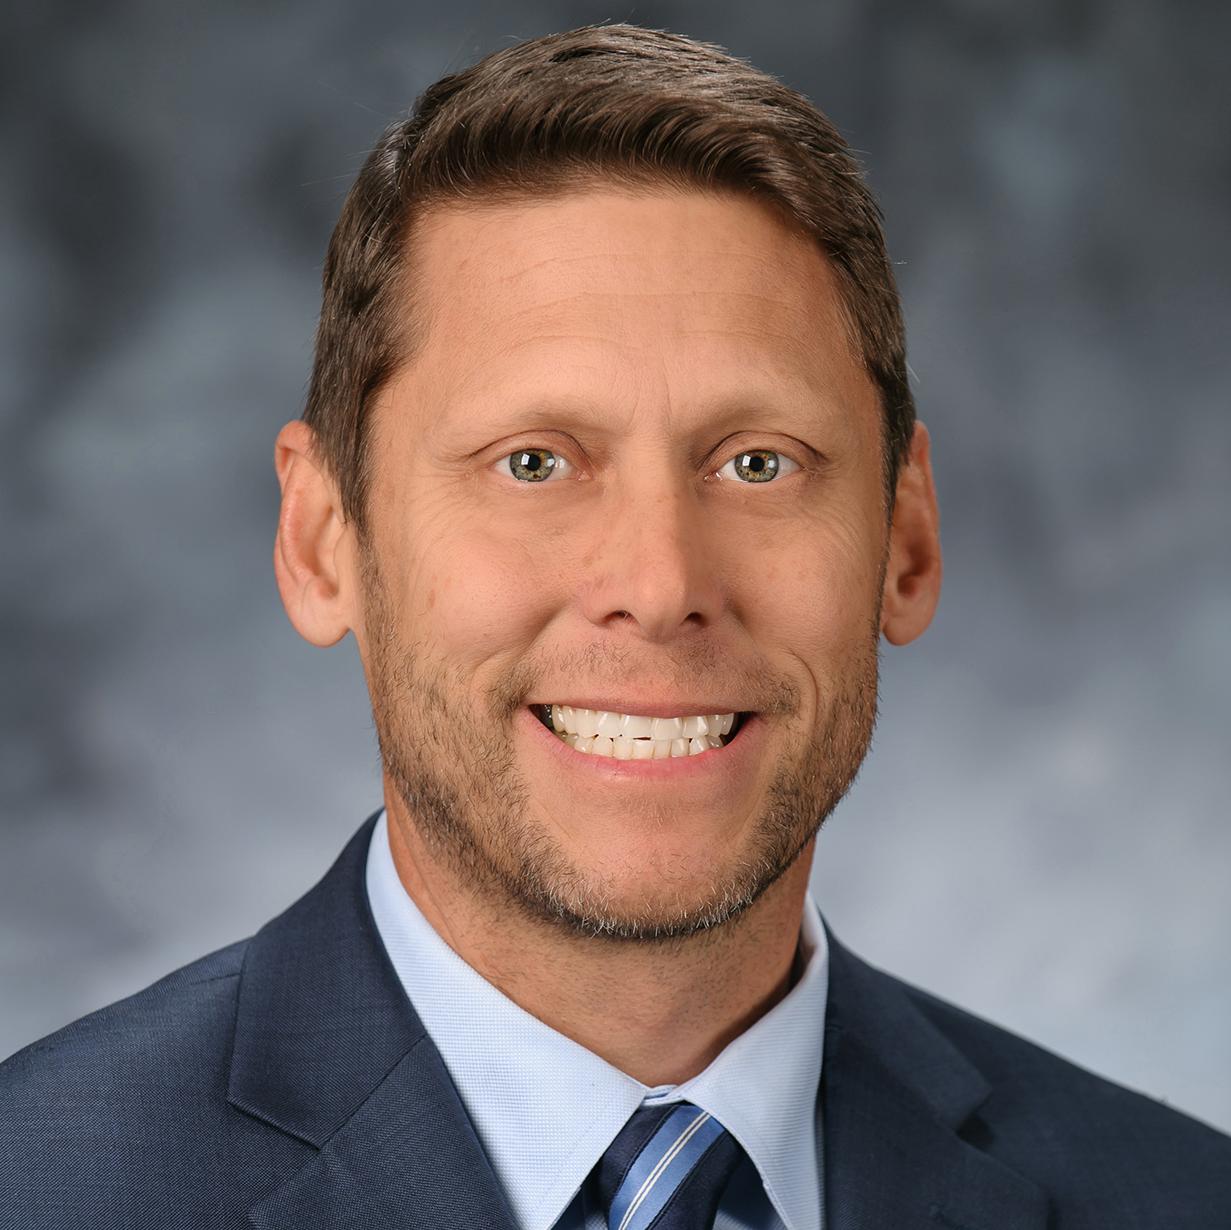 Dr. Shane Jimerson